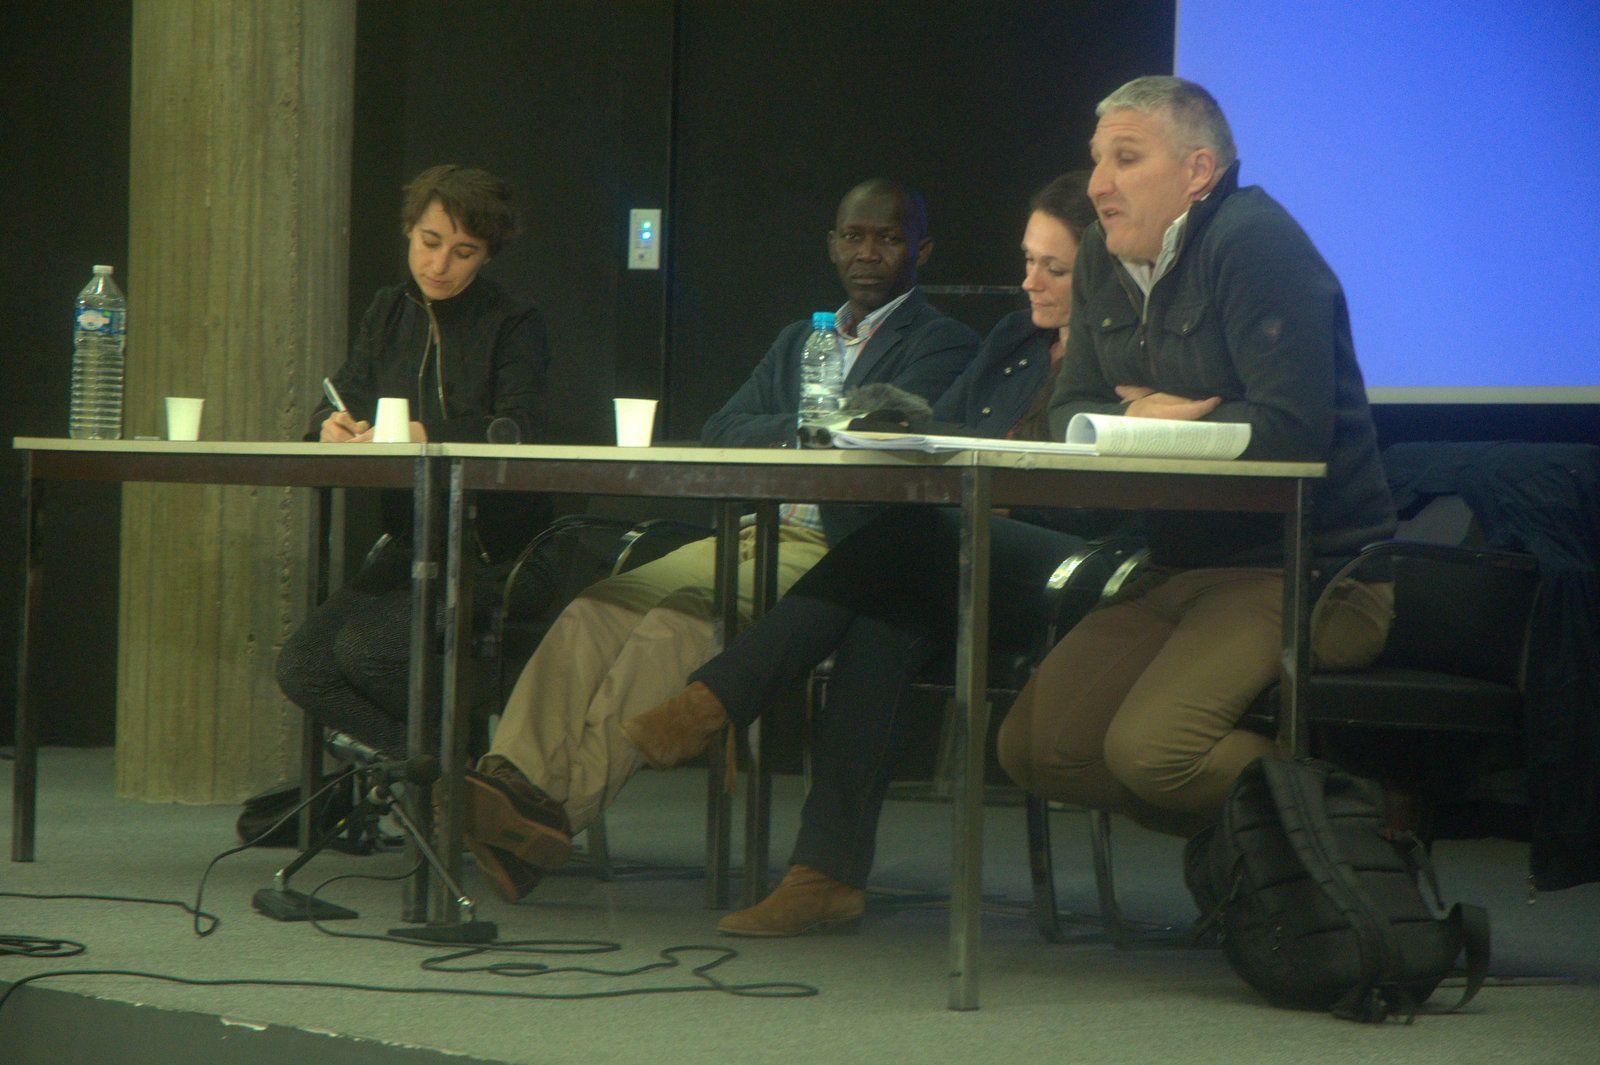 Prise de parole de M.Mahamat Alhabo, candidat à l'élection présidentielle au Tchad à la conférence sur le Tchad à Paris